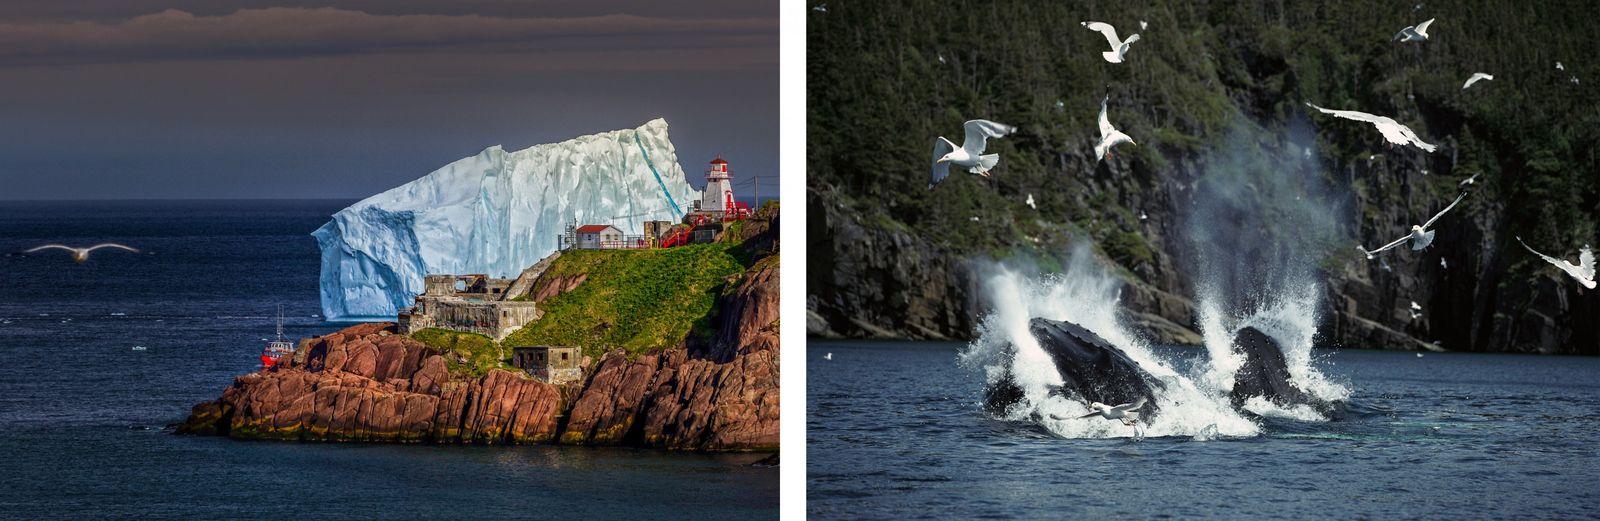 LINKS: Im Frühling brechen riesige, 10.000 Jahre alte Eisberge von den arktischen Gletschern ab und driften ...